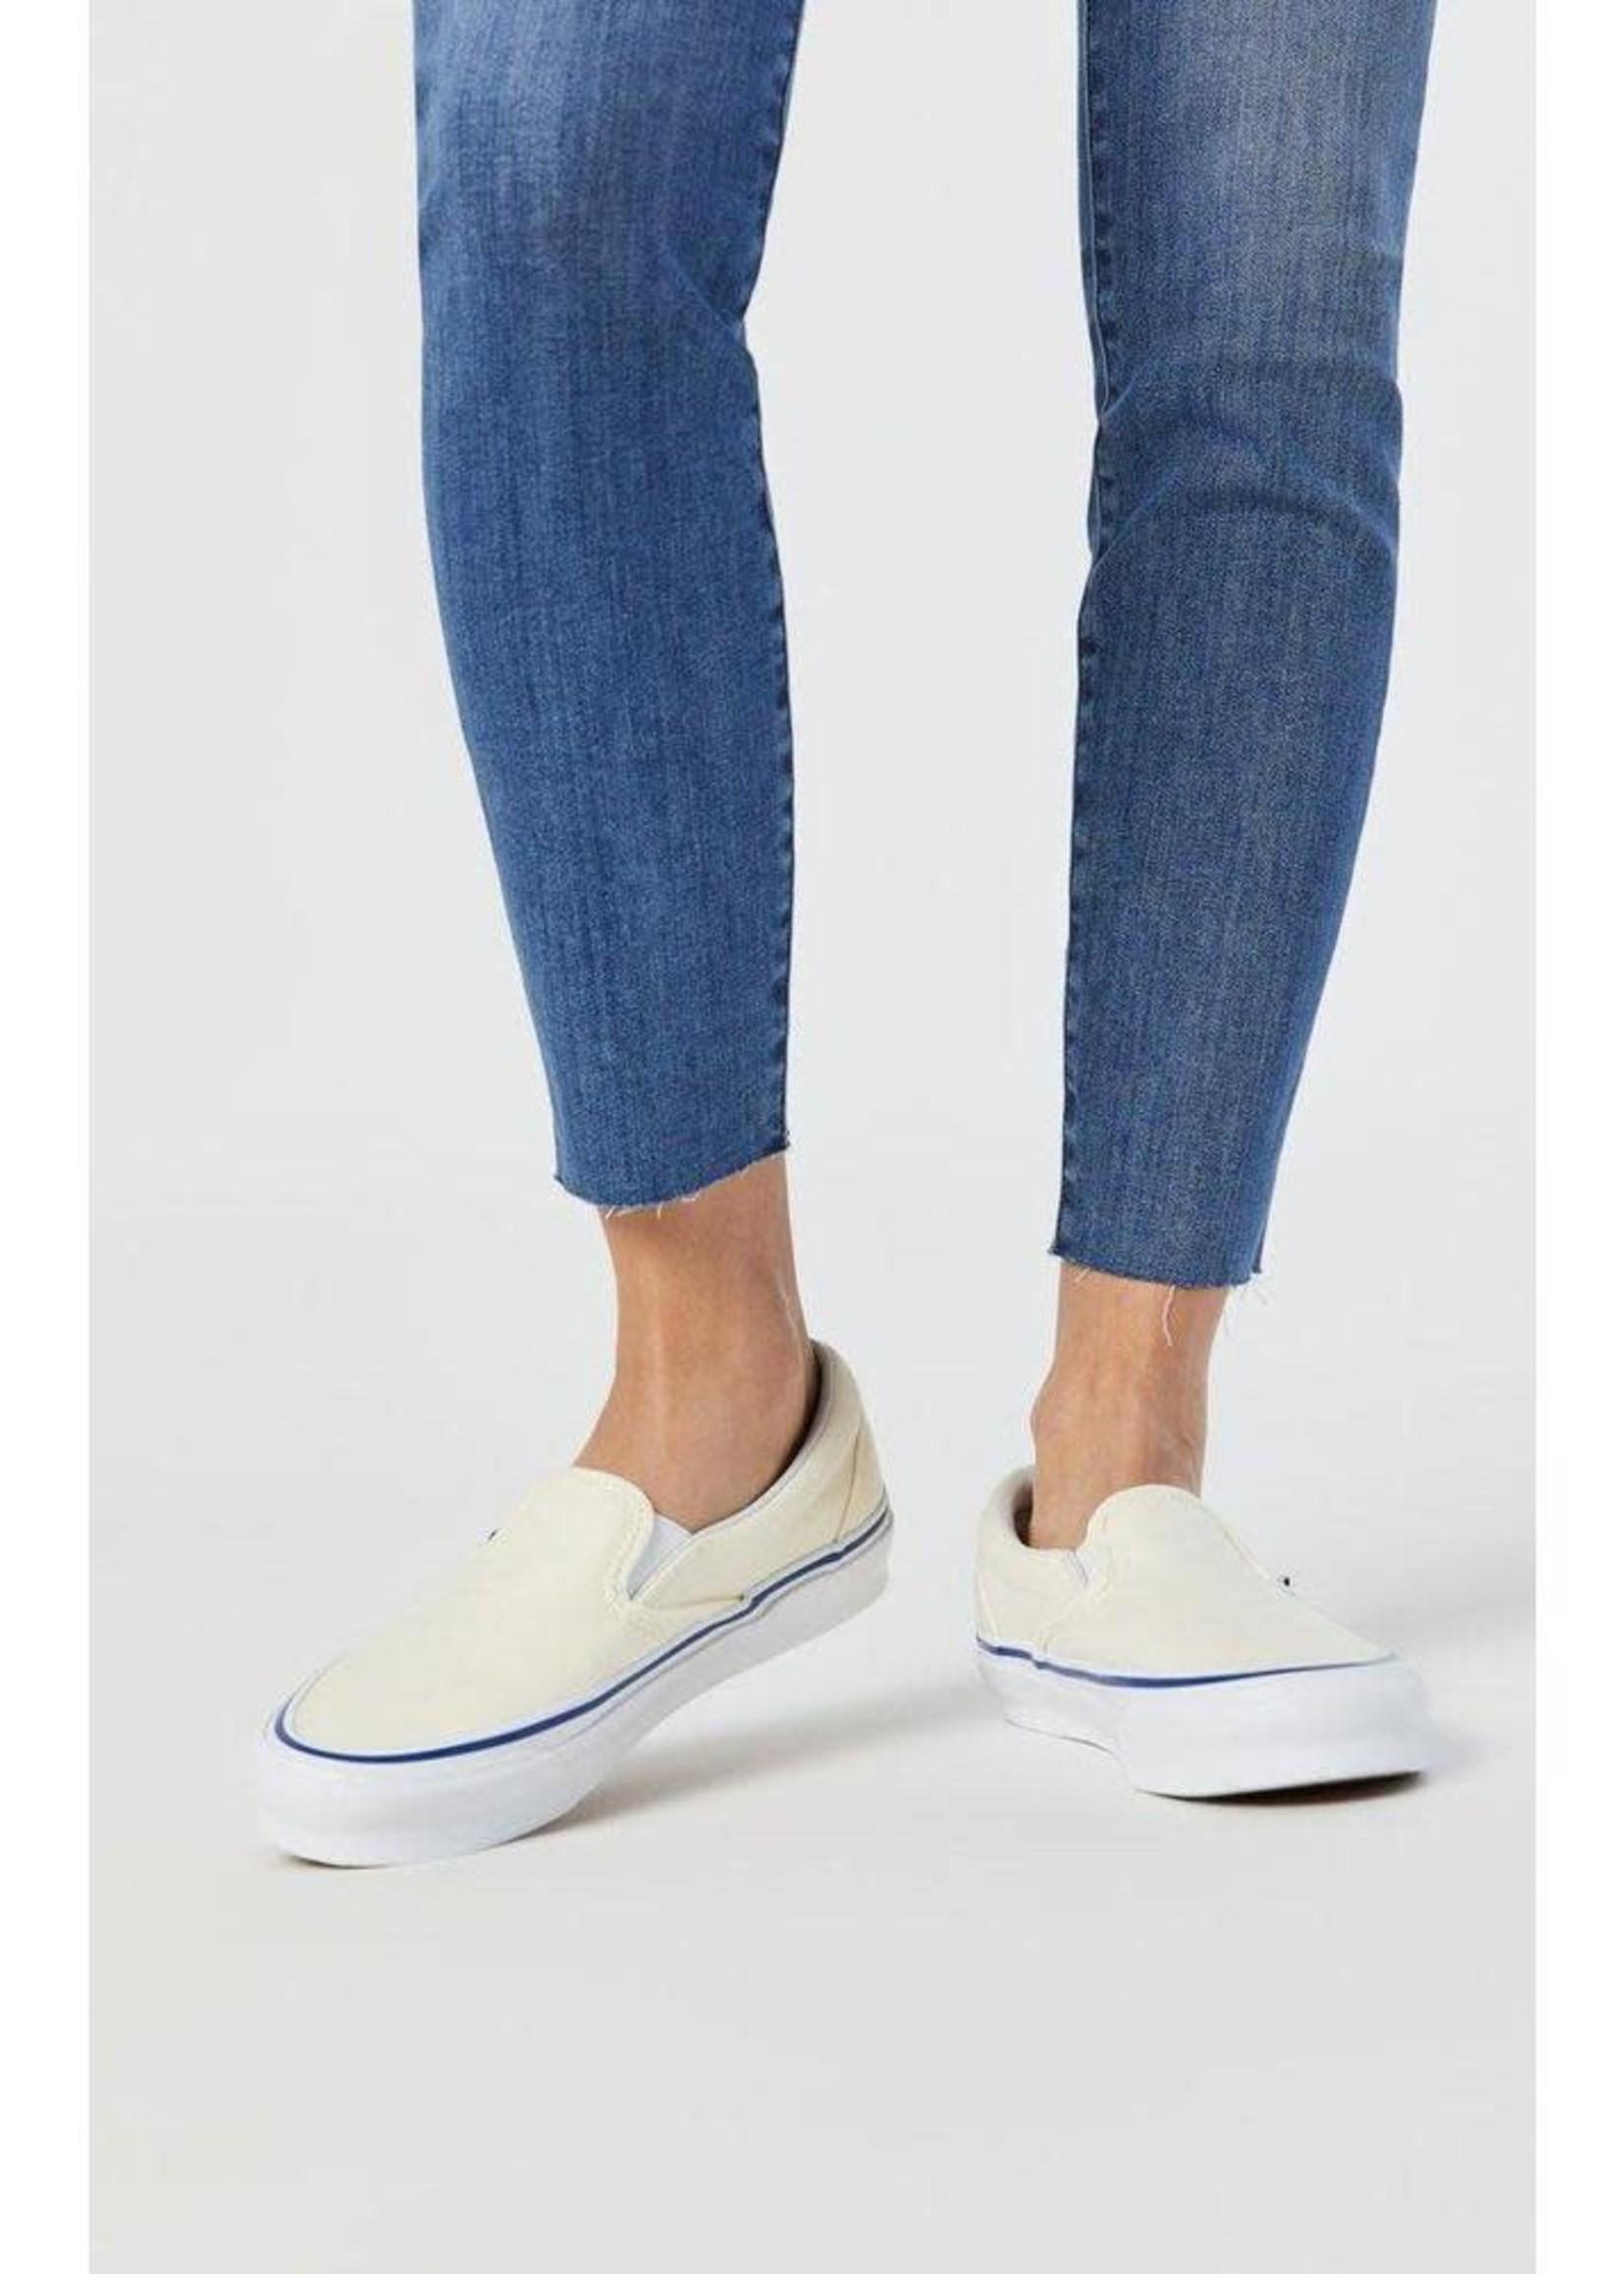 MAVI Jeans Scarlett Frayed Hem Denim